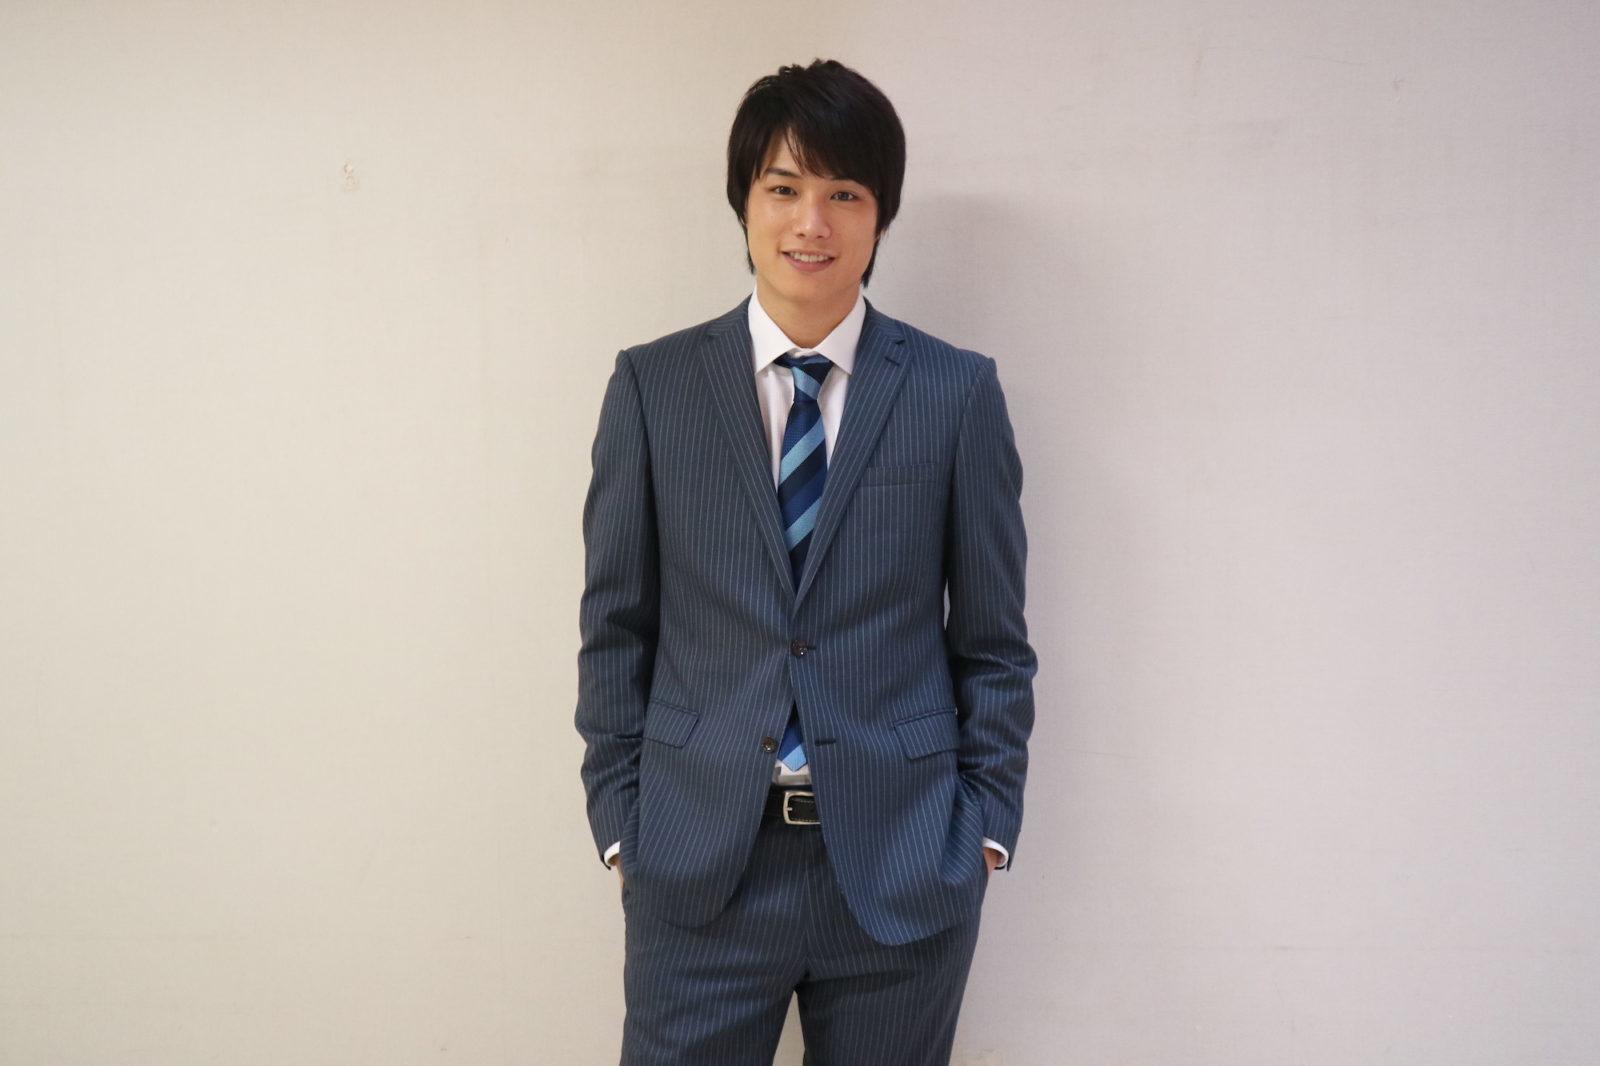 鈴木伸之、酔ってしでかした大先輩AKIRAへの失態に後日談があることを明かすサムネイル画像